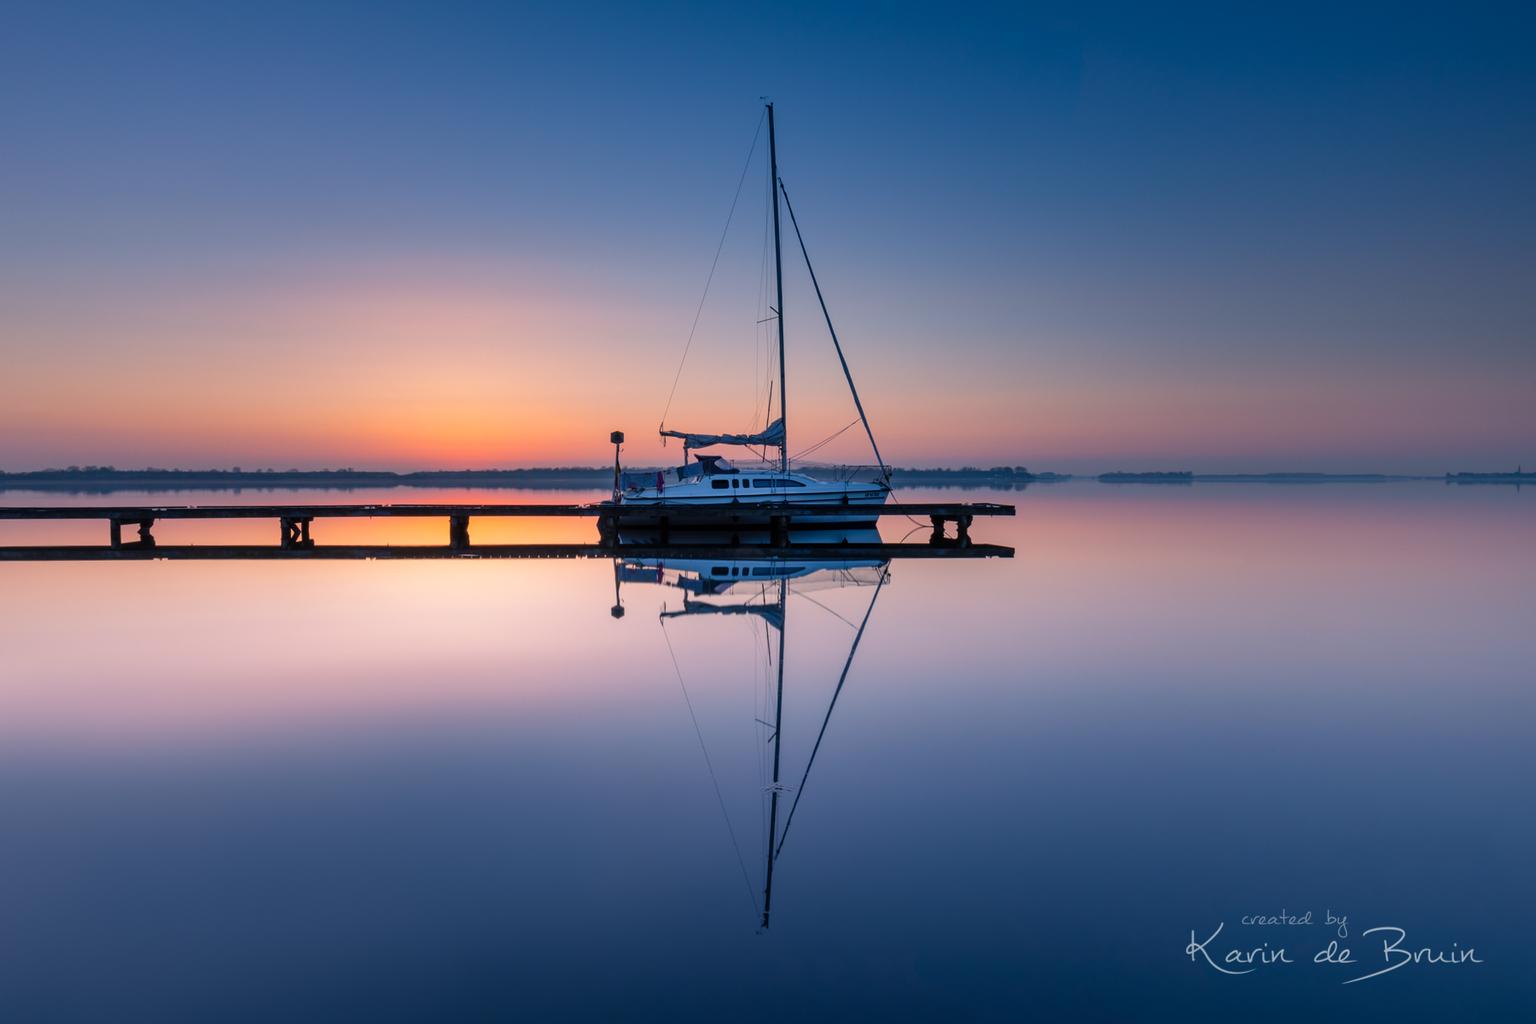 A quiet Morning! -   - foto door KarindeBruin op 13-04-2021 - locatie: Veerse Meer, 2134 VR Hoofddorp, Nederland - deze foto bevat: water, veerse meer, boot, zonsopkomst, steiger, zee;land, reflectie, spiegeling, water, lucht, watervoorraden, vloeistof, boot, vloeistof, waterscooters, schemer, meer, nagloeien